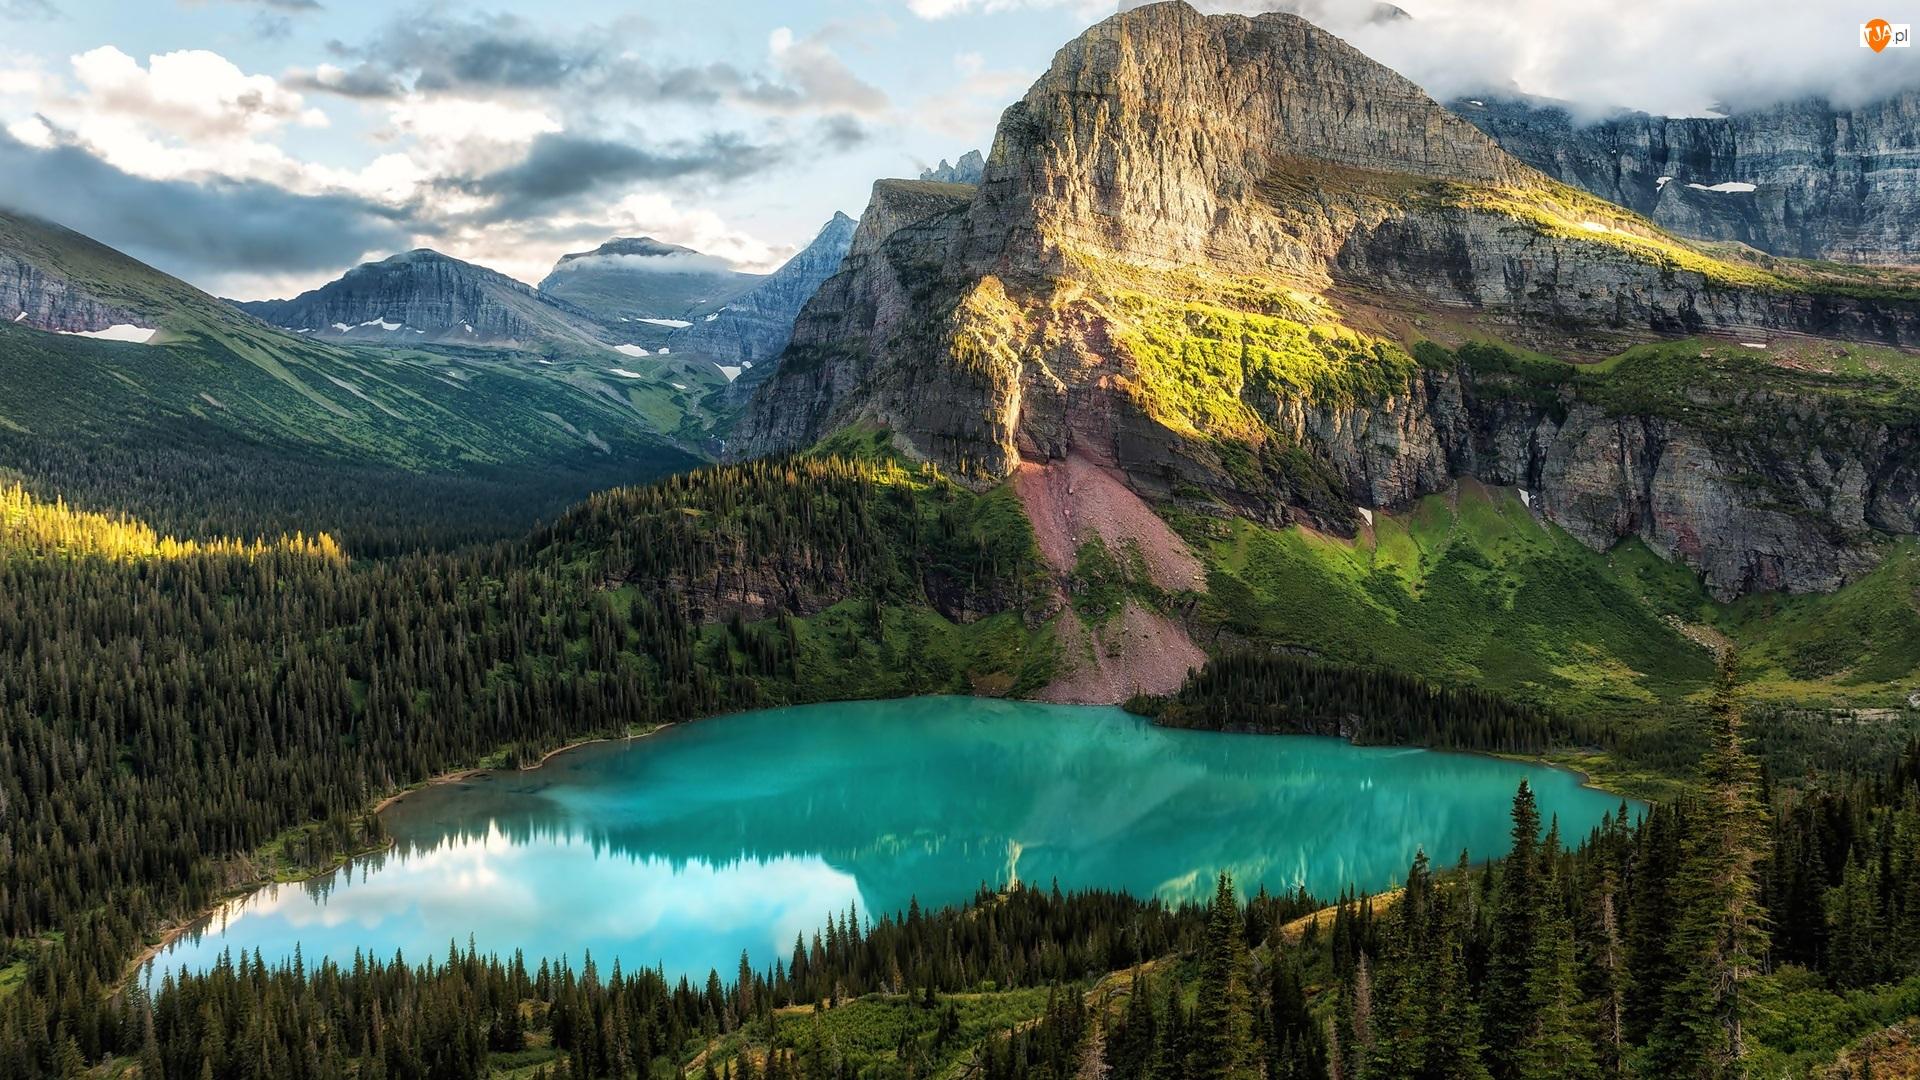 Jezioro Grinnell Lake, Góry, Park Narodowy Glacier, Stany Zjednoczone, Drzewa, Montana